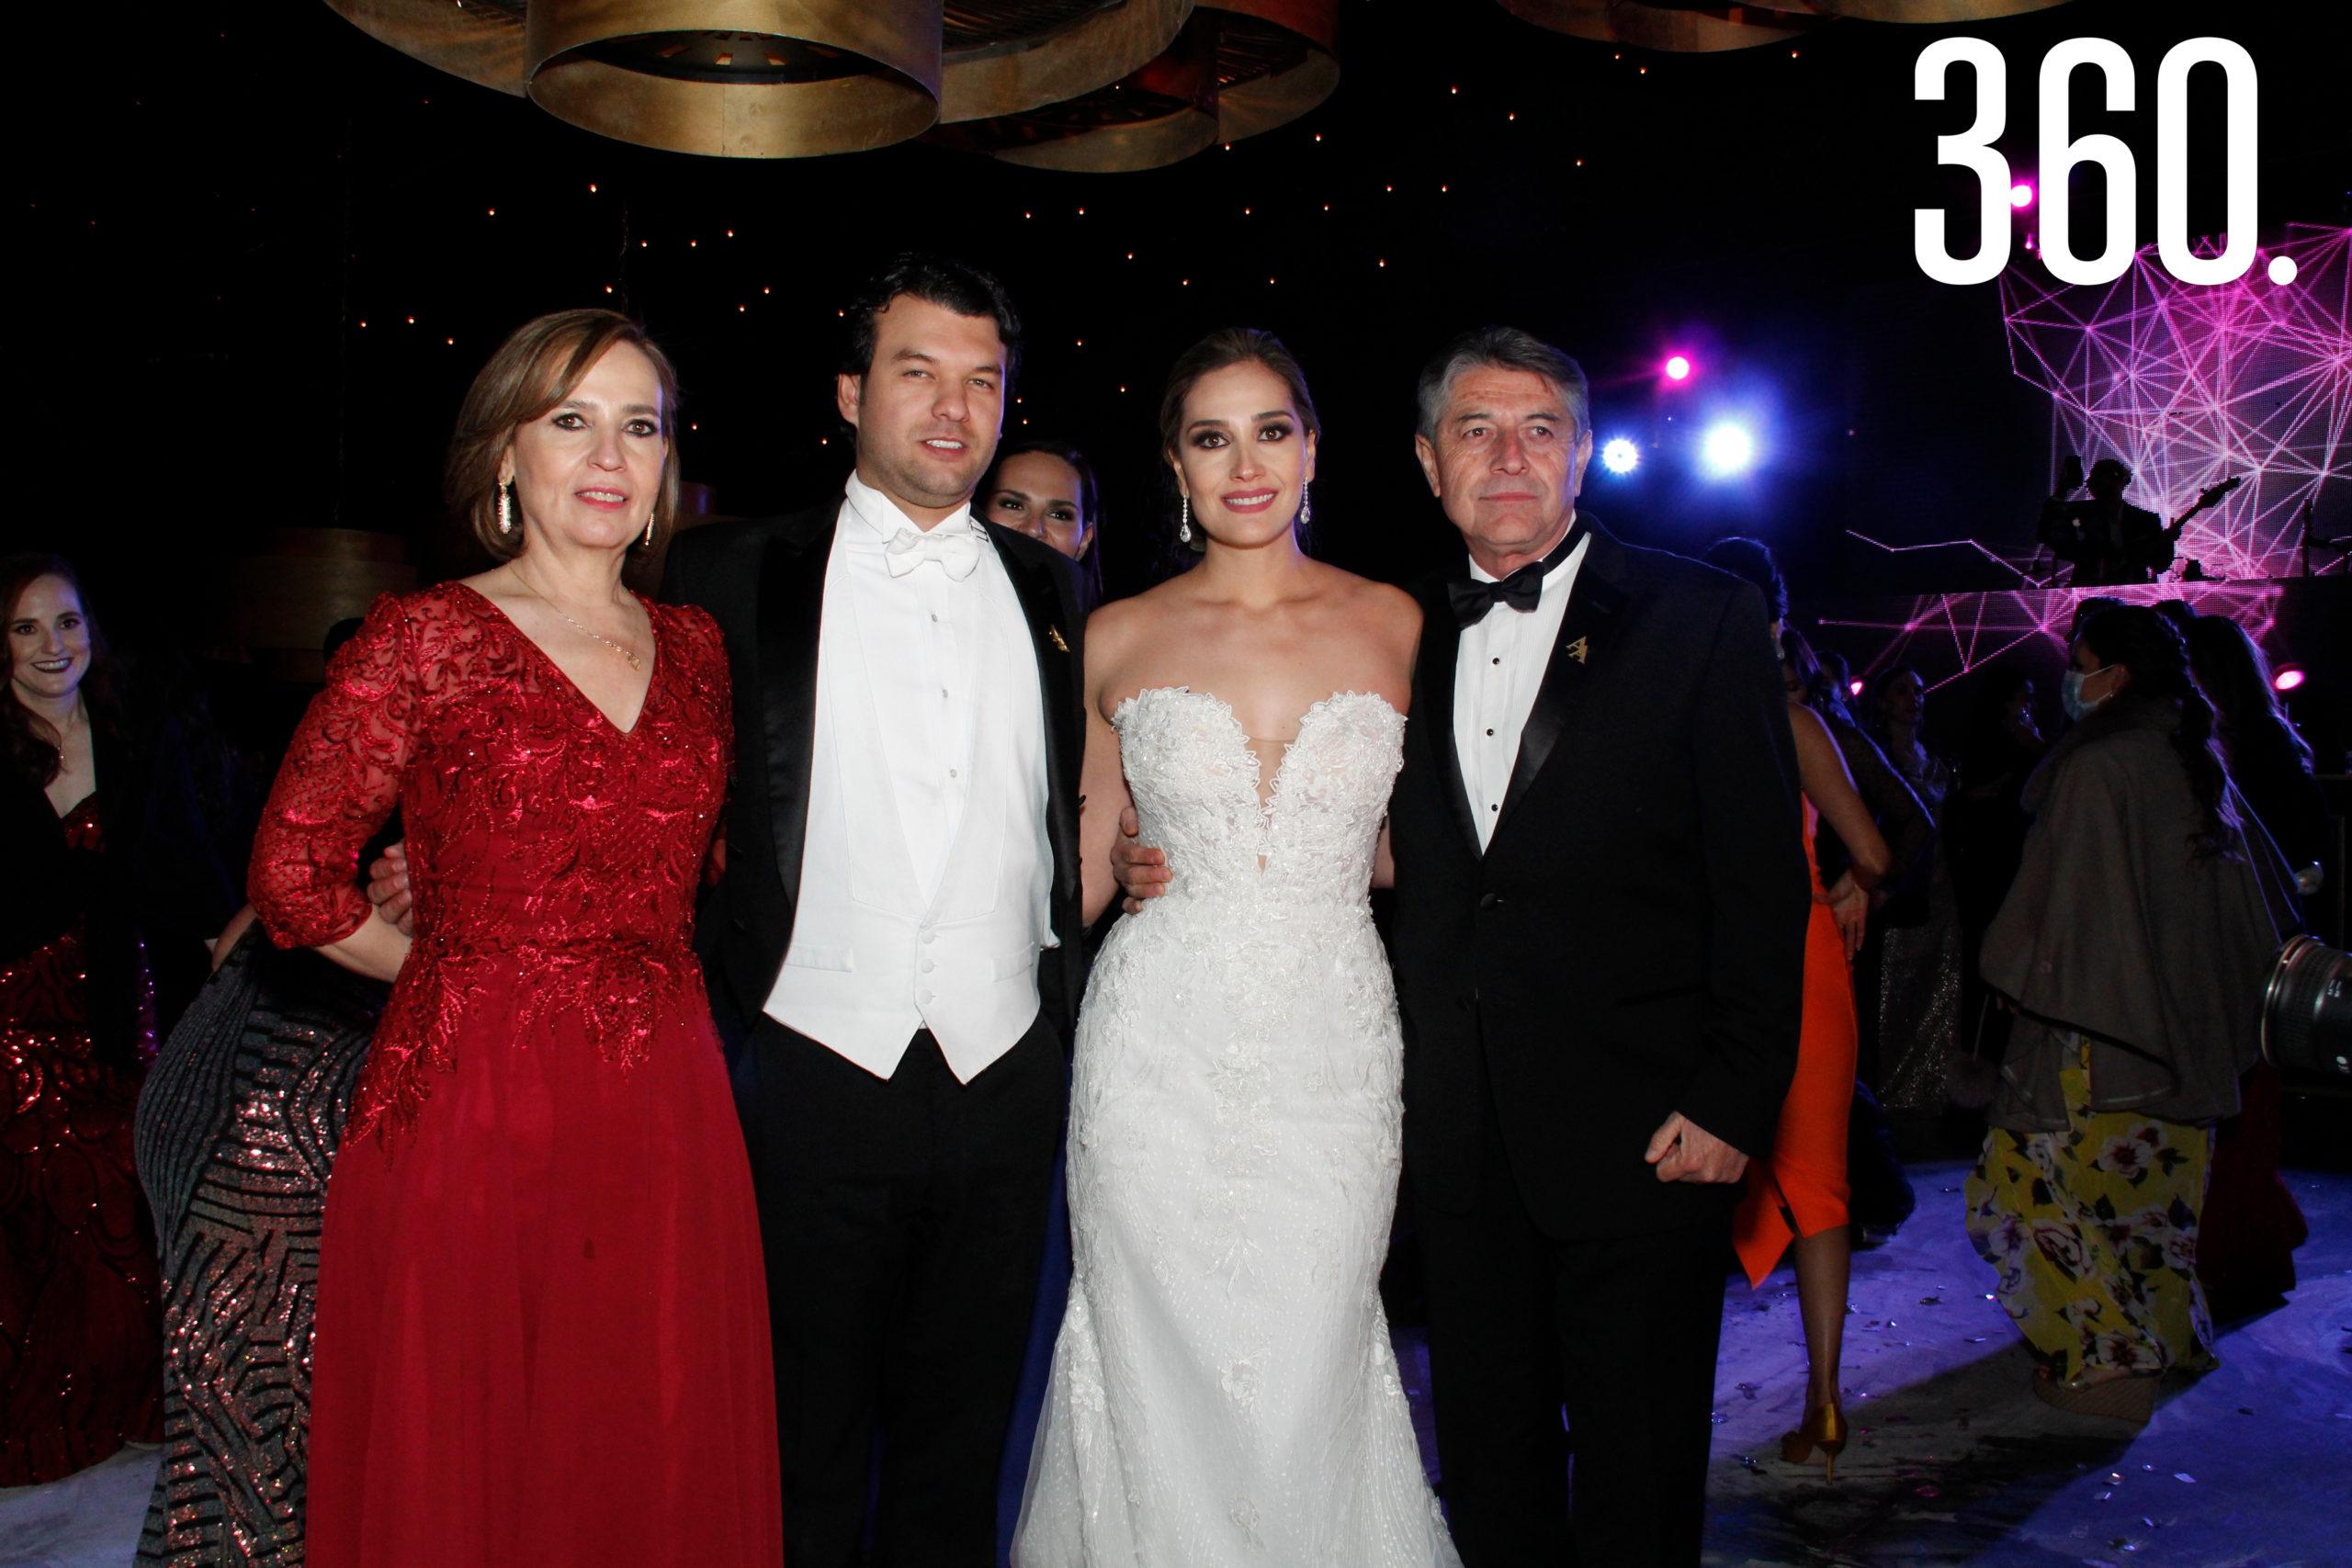 Los padres de Andrea, Gustavo Hernández y Patricia de la Mora, acompañaron a los novios.